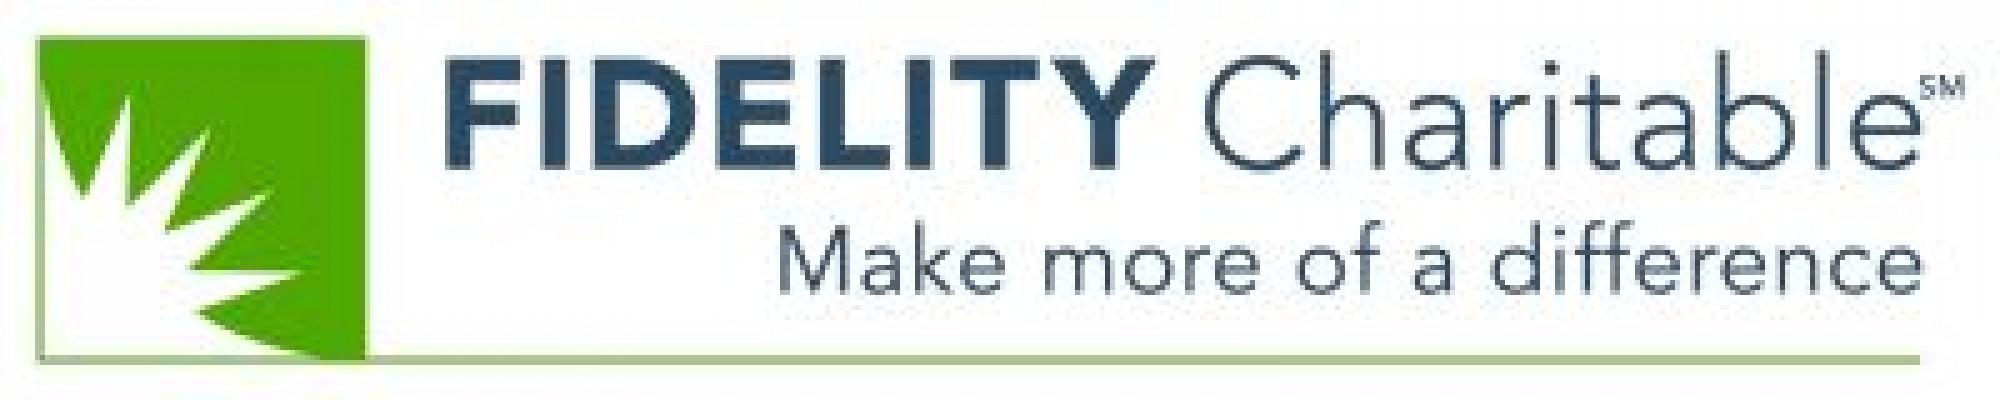 Fidelitycharitablelogo